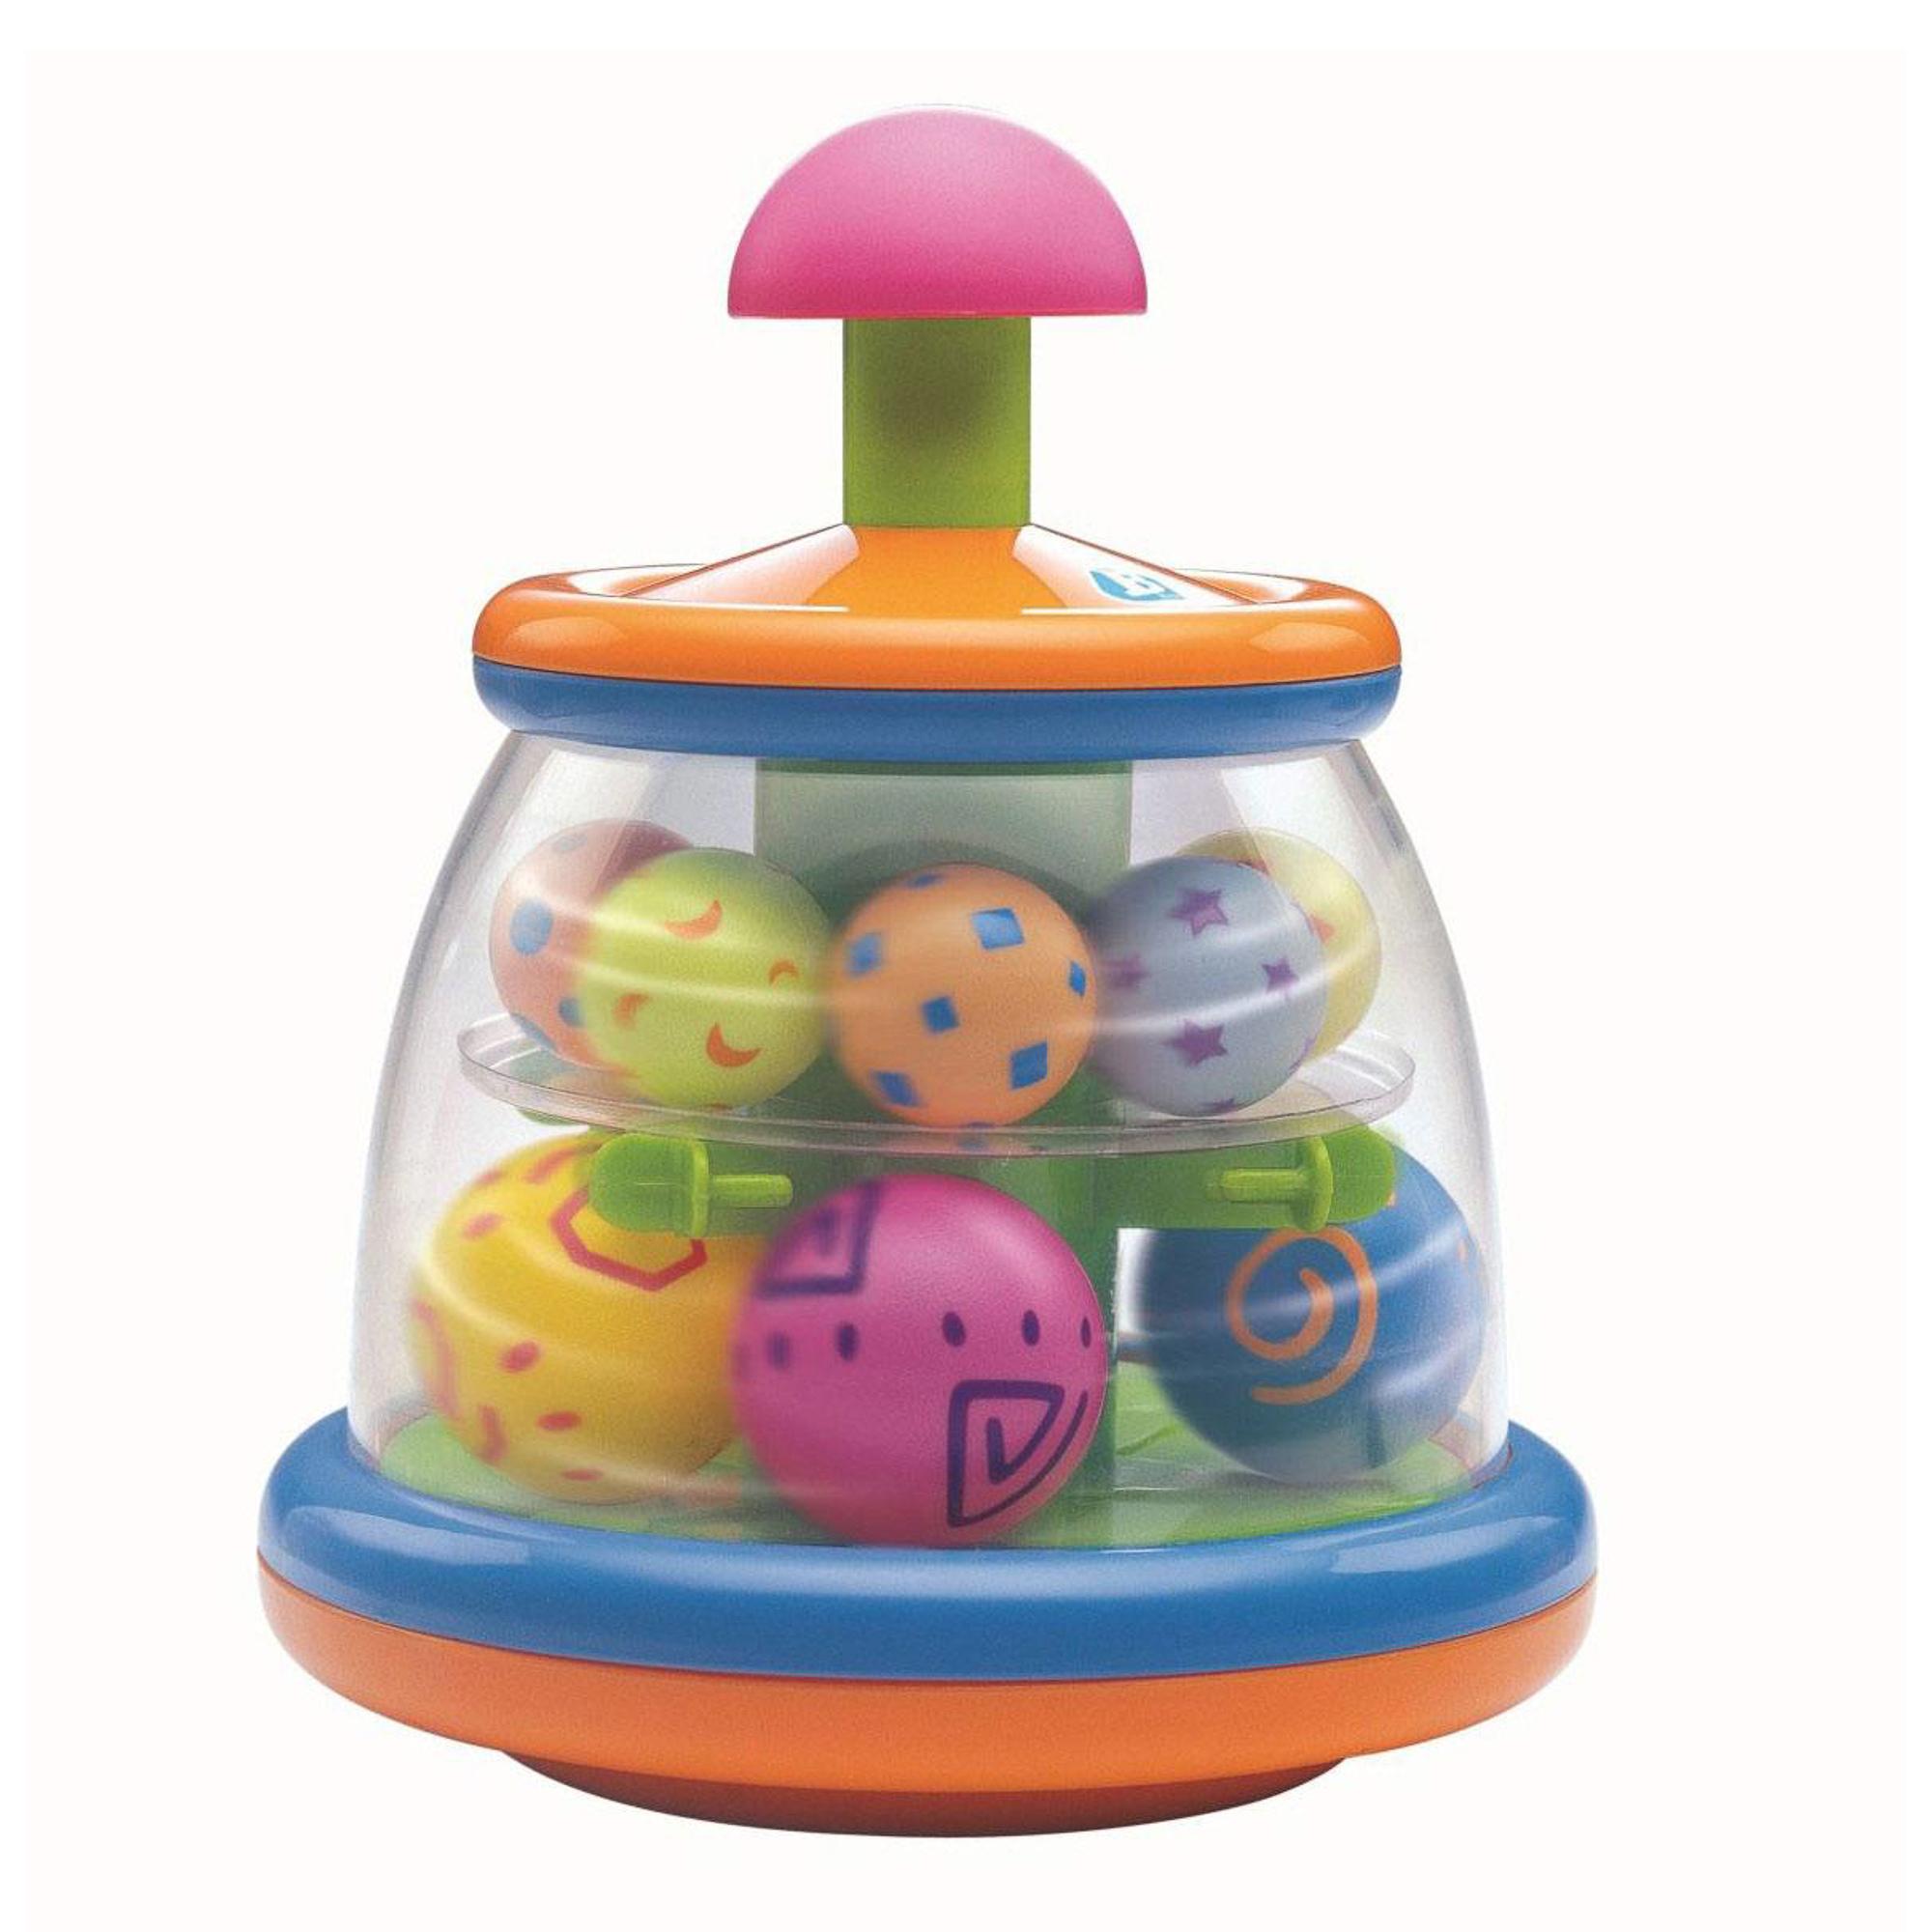 Купить Игрушка Bkids Юла с шариками, Китай, полипропилен, пластик, Настольные игры